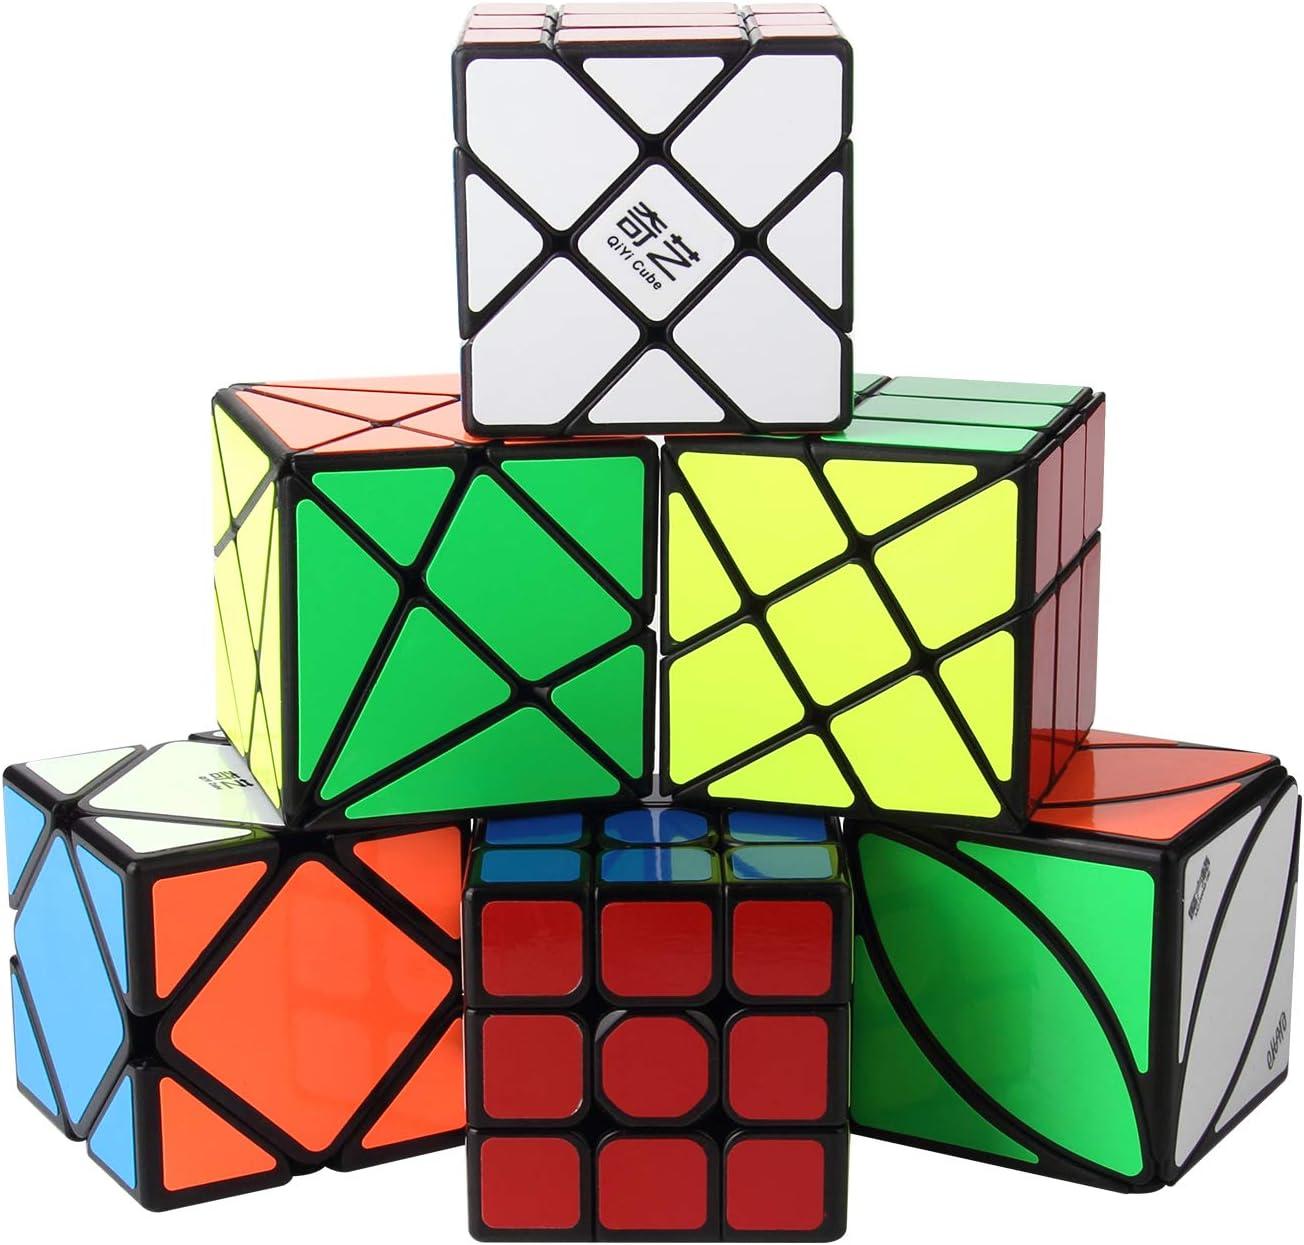 ROXENDA Cubos de Velocidad, [Paquete de 6] Speed Cube Set - Skew ...